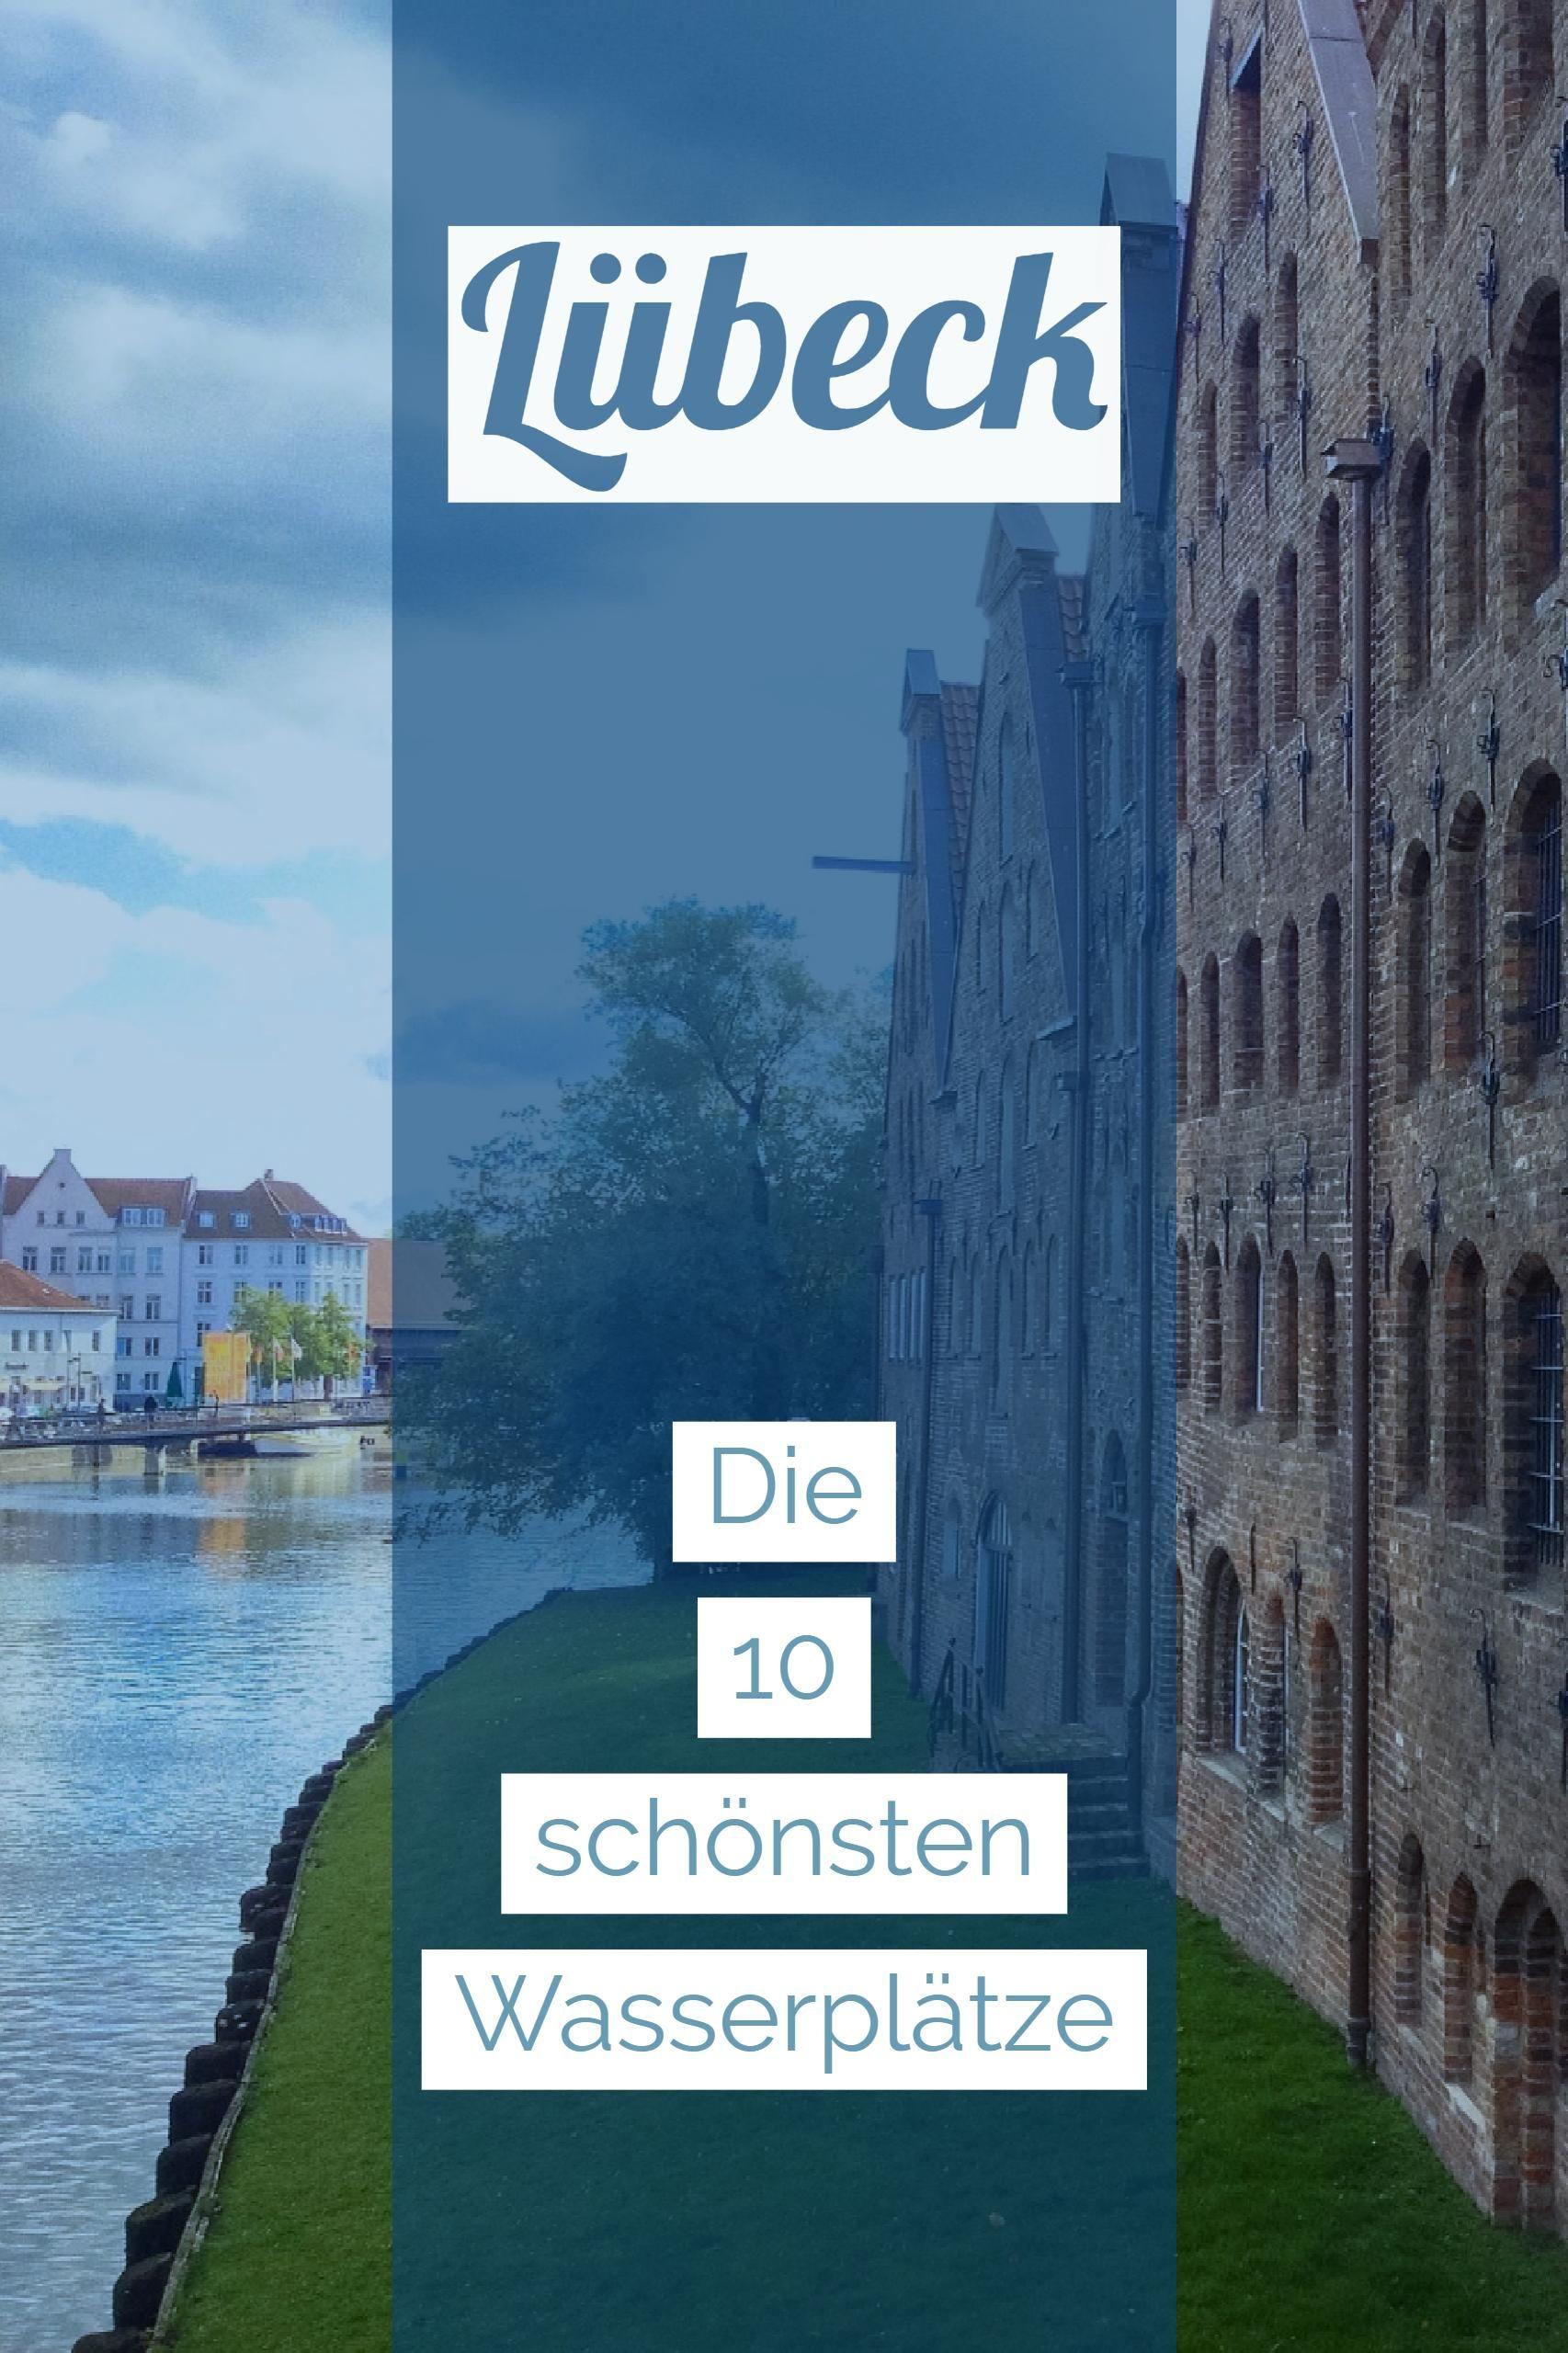 Die 10 Schonsten Wasserplatze In Lubeck Reisen Urlaub Reisen Lubeck